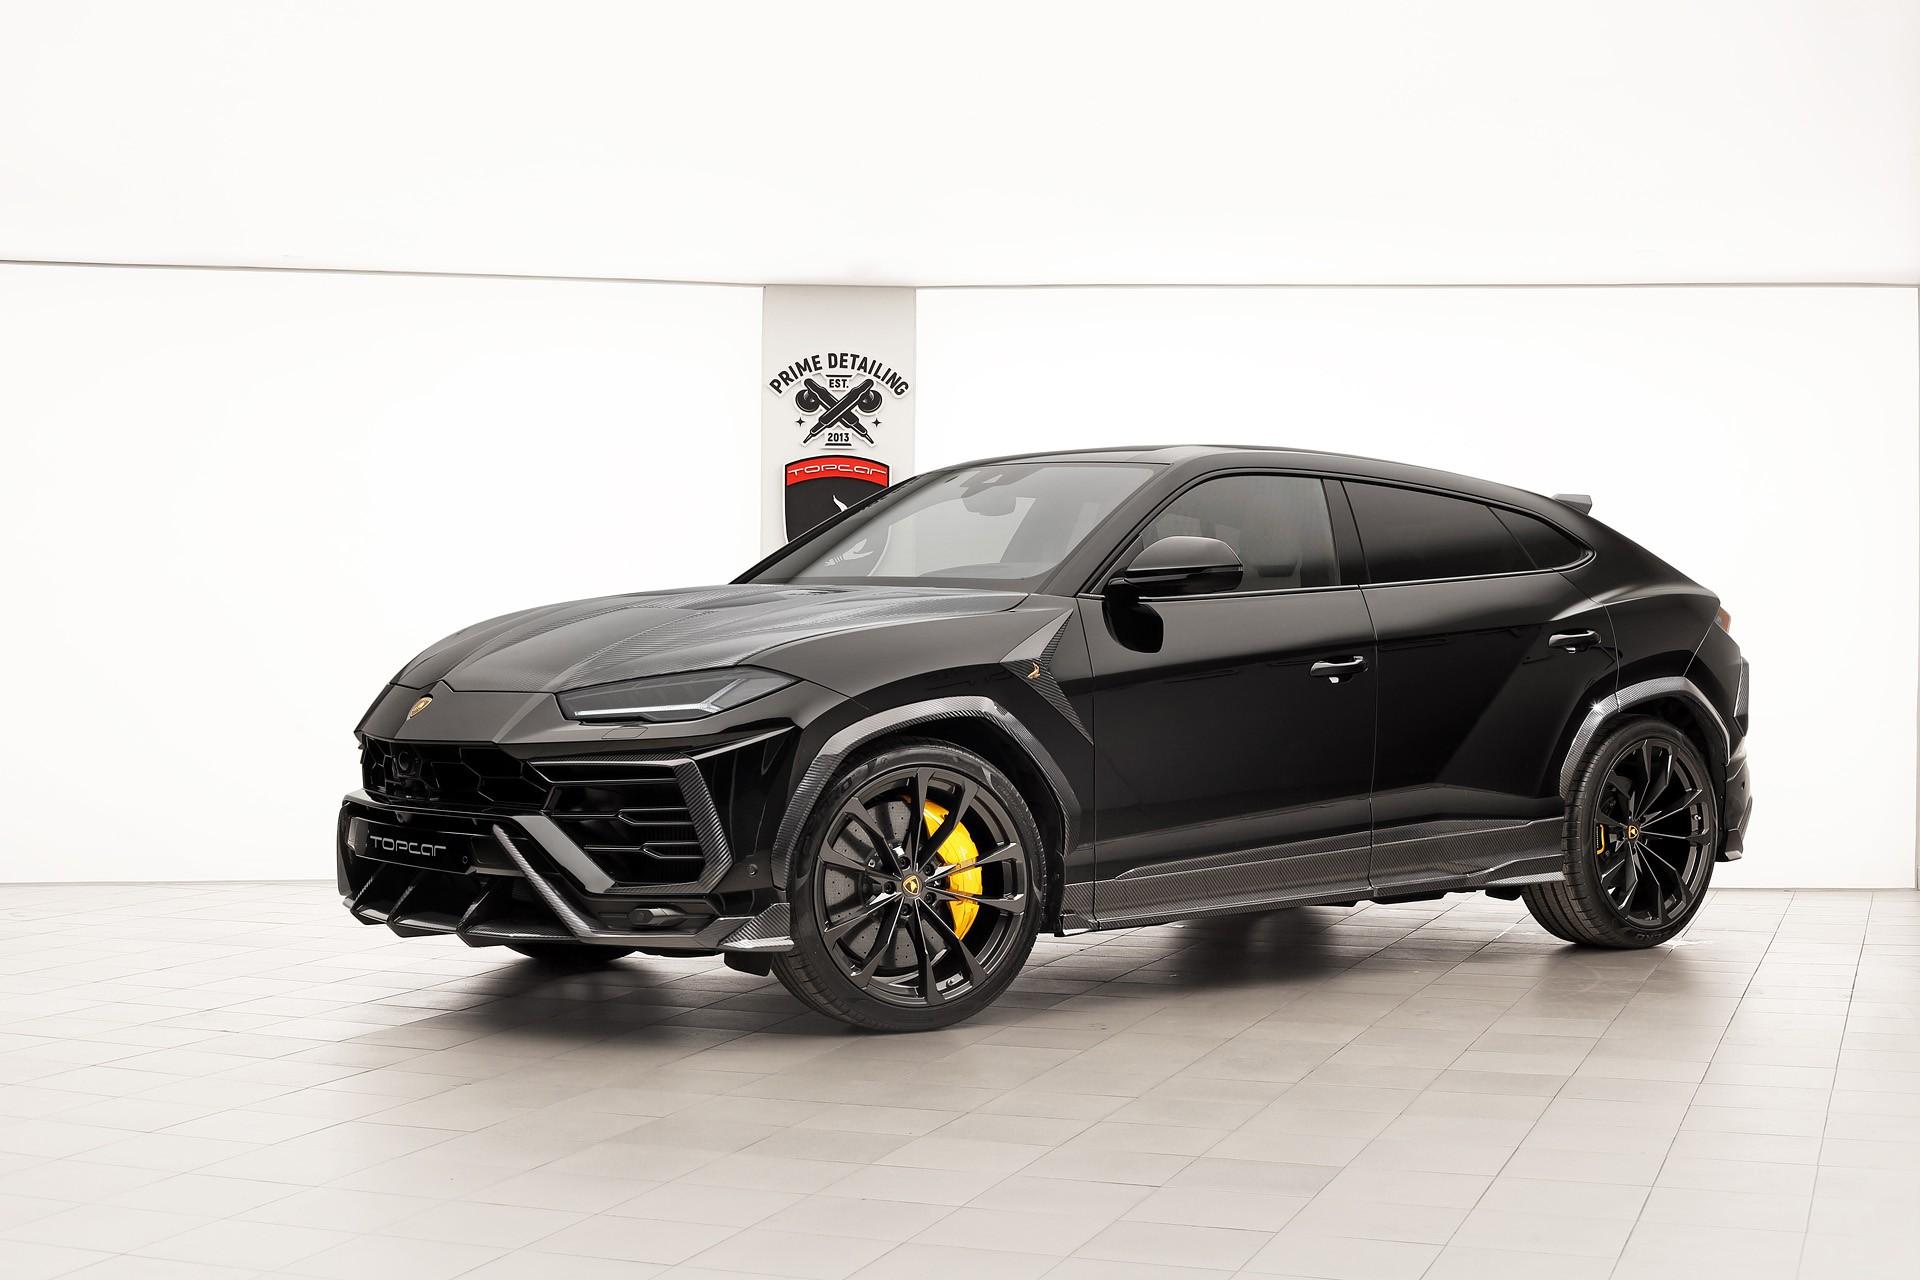 Lamborghini Urus Black Topcar Design Topcar